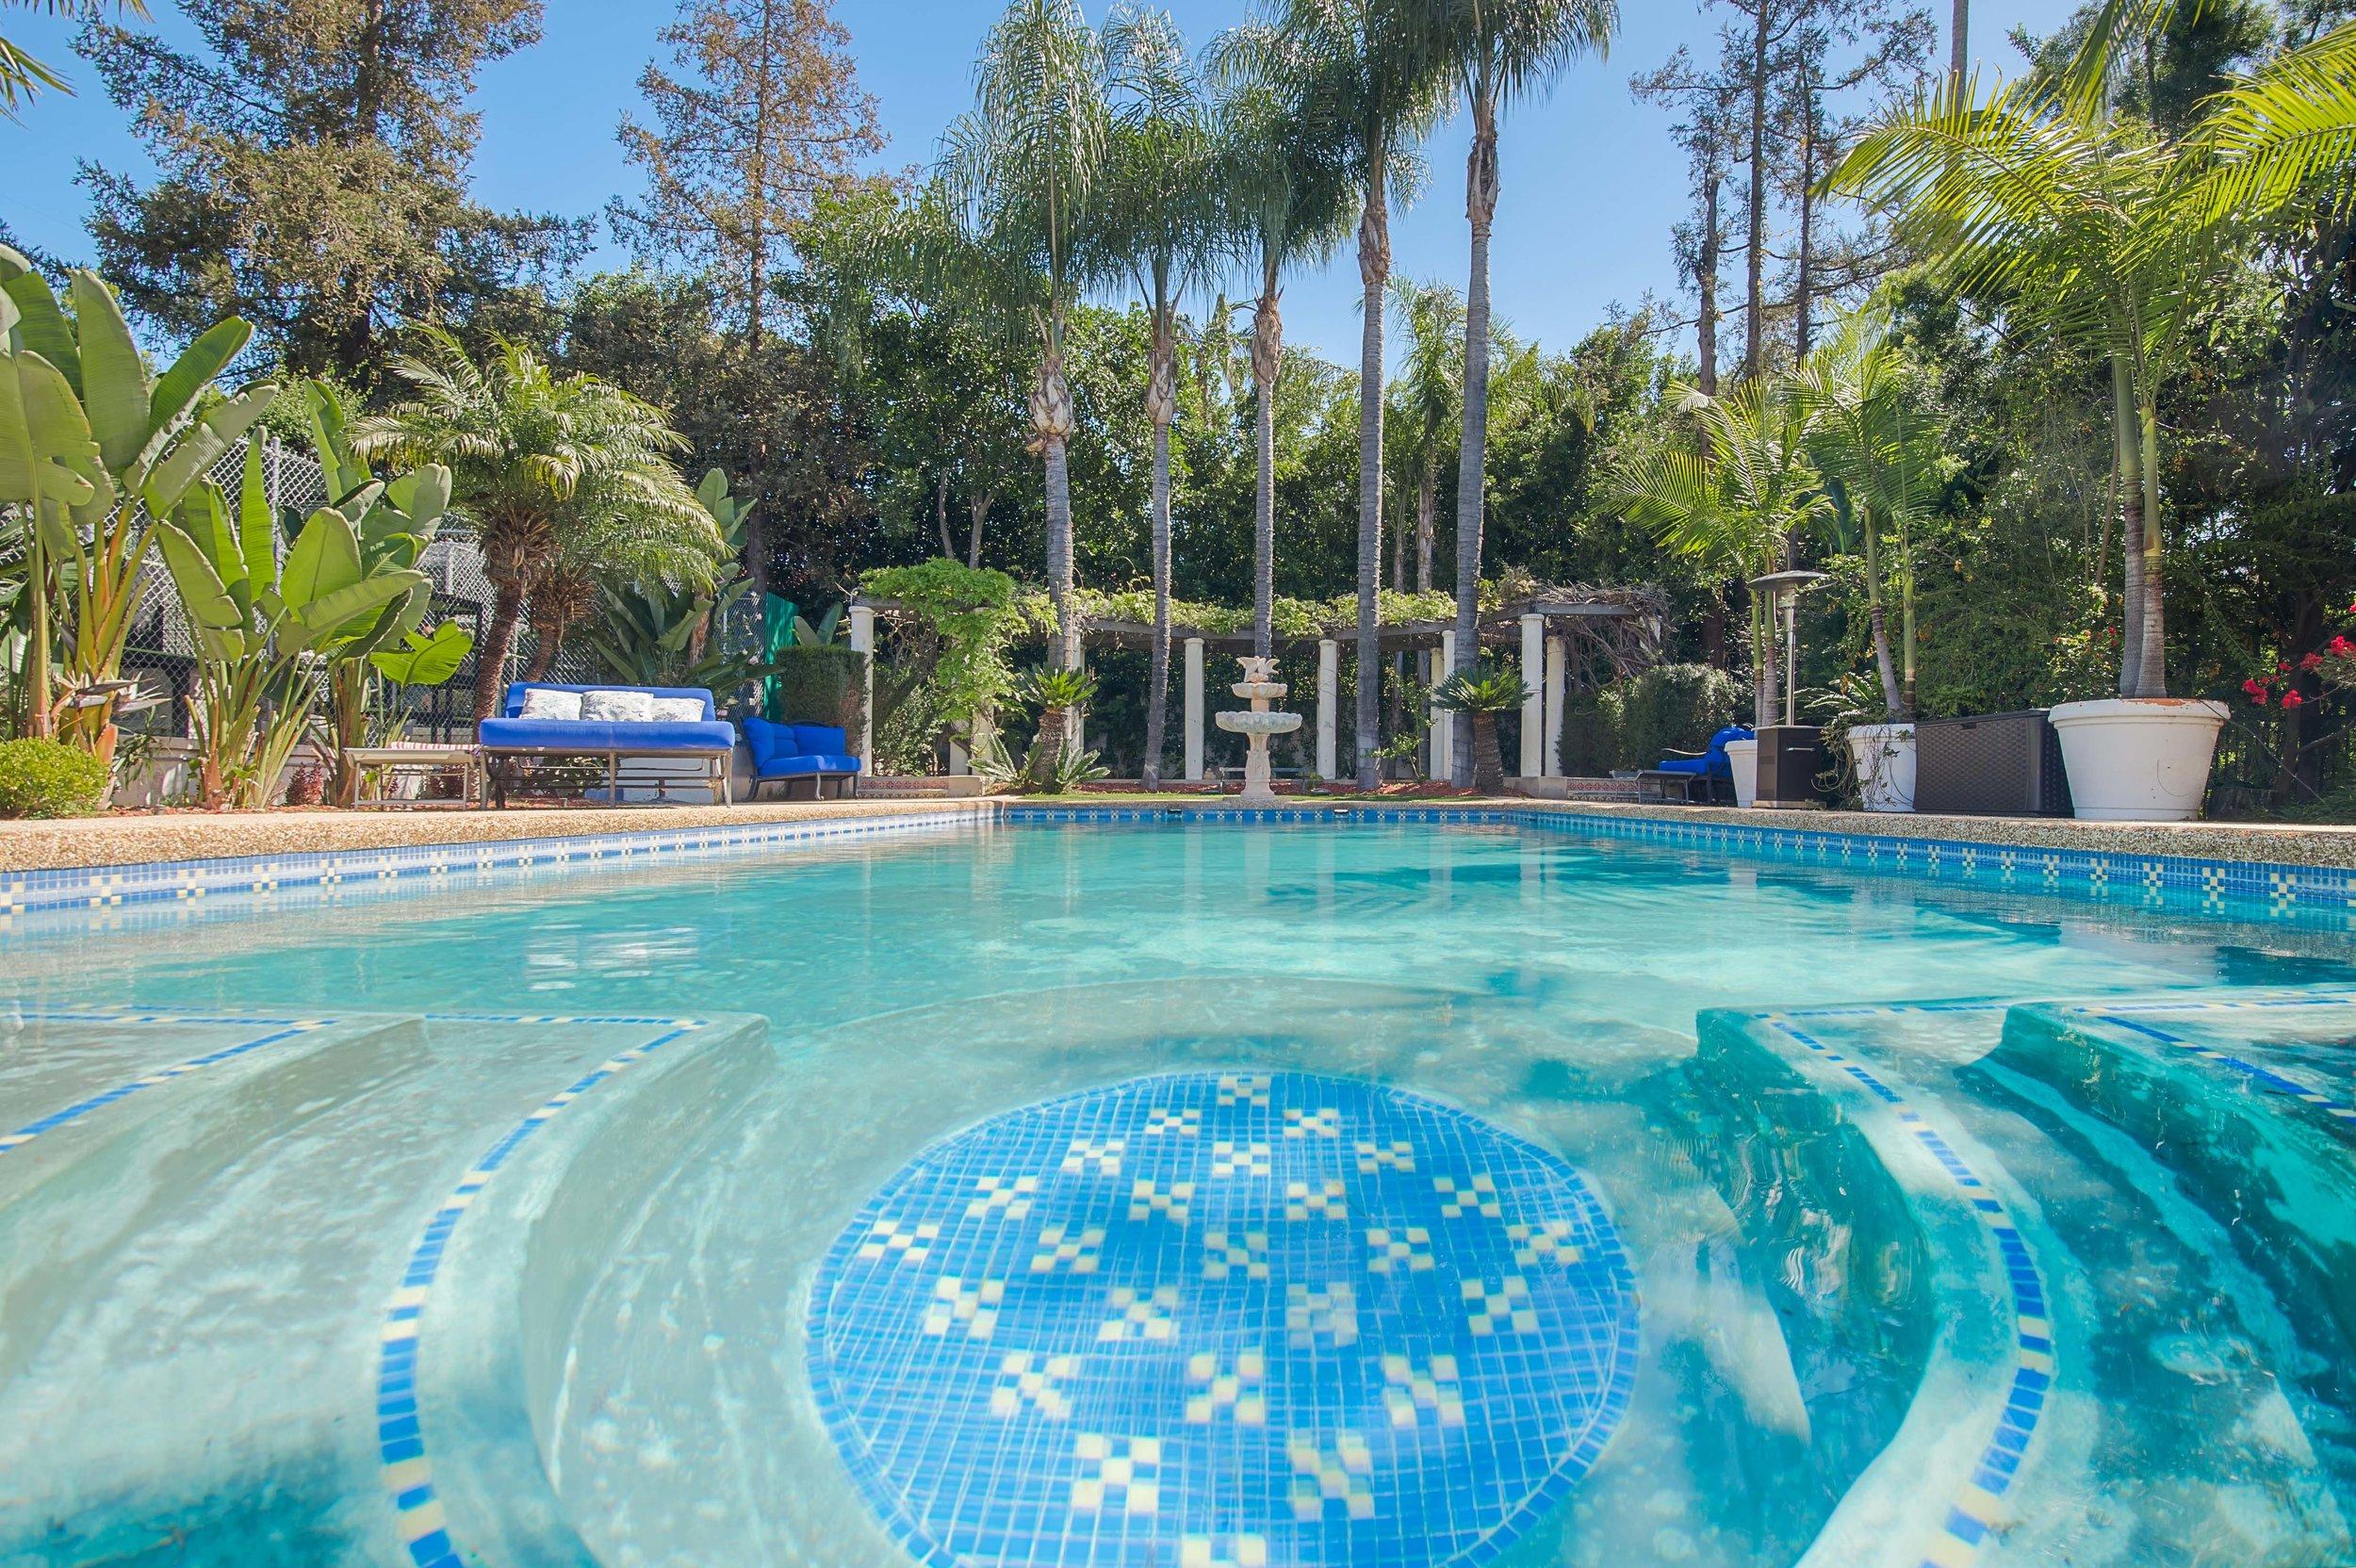 031 Pool 006 Pool 4915 Los Feliz For Sale Los Angeles Lease The Malibu Life Team Luxury Real Estate.jpg